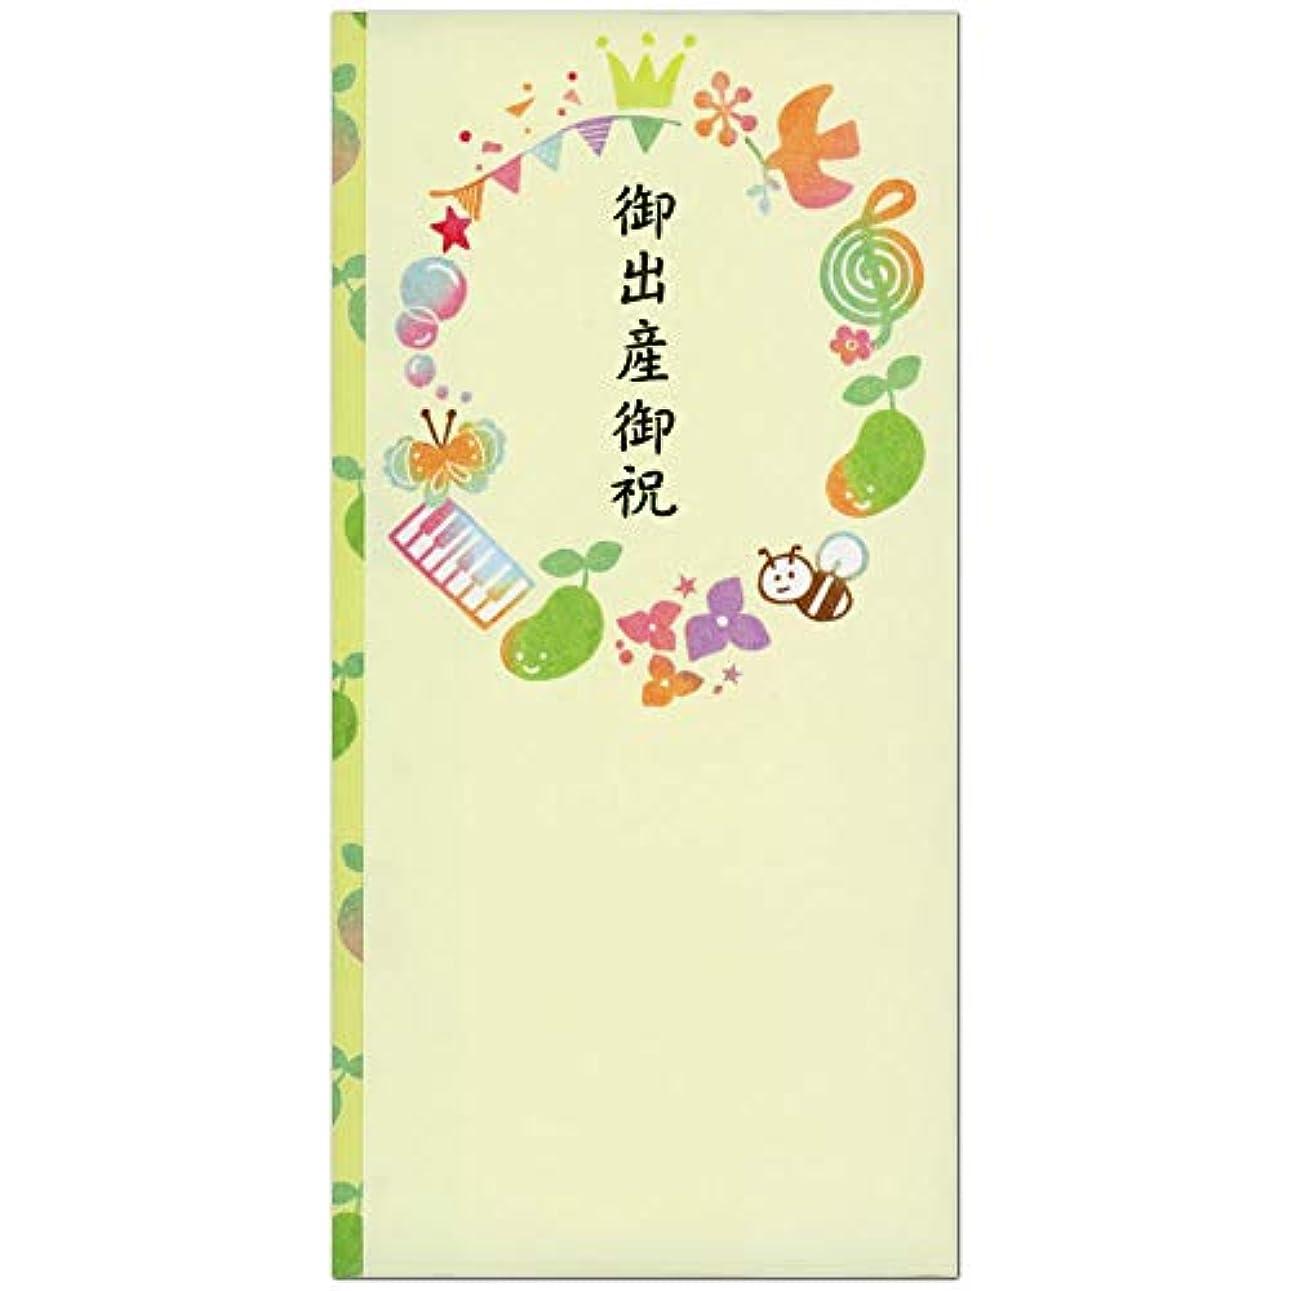 おもしろいセンター悲観的フロンティア 祝儀袋 出産祝 はんこ新芽 黄色 SG−184 黄色